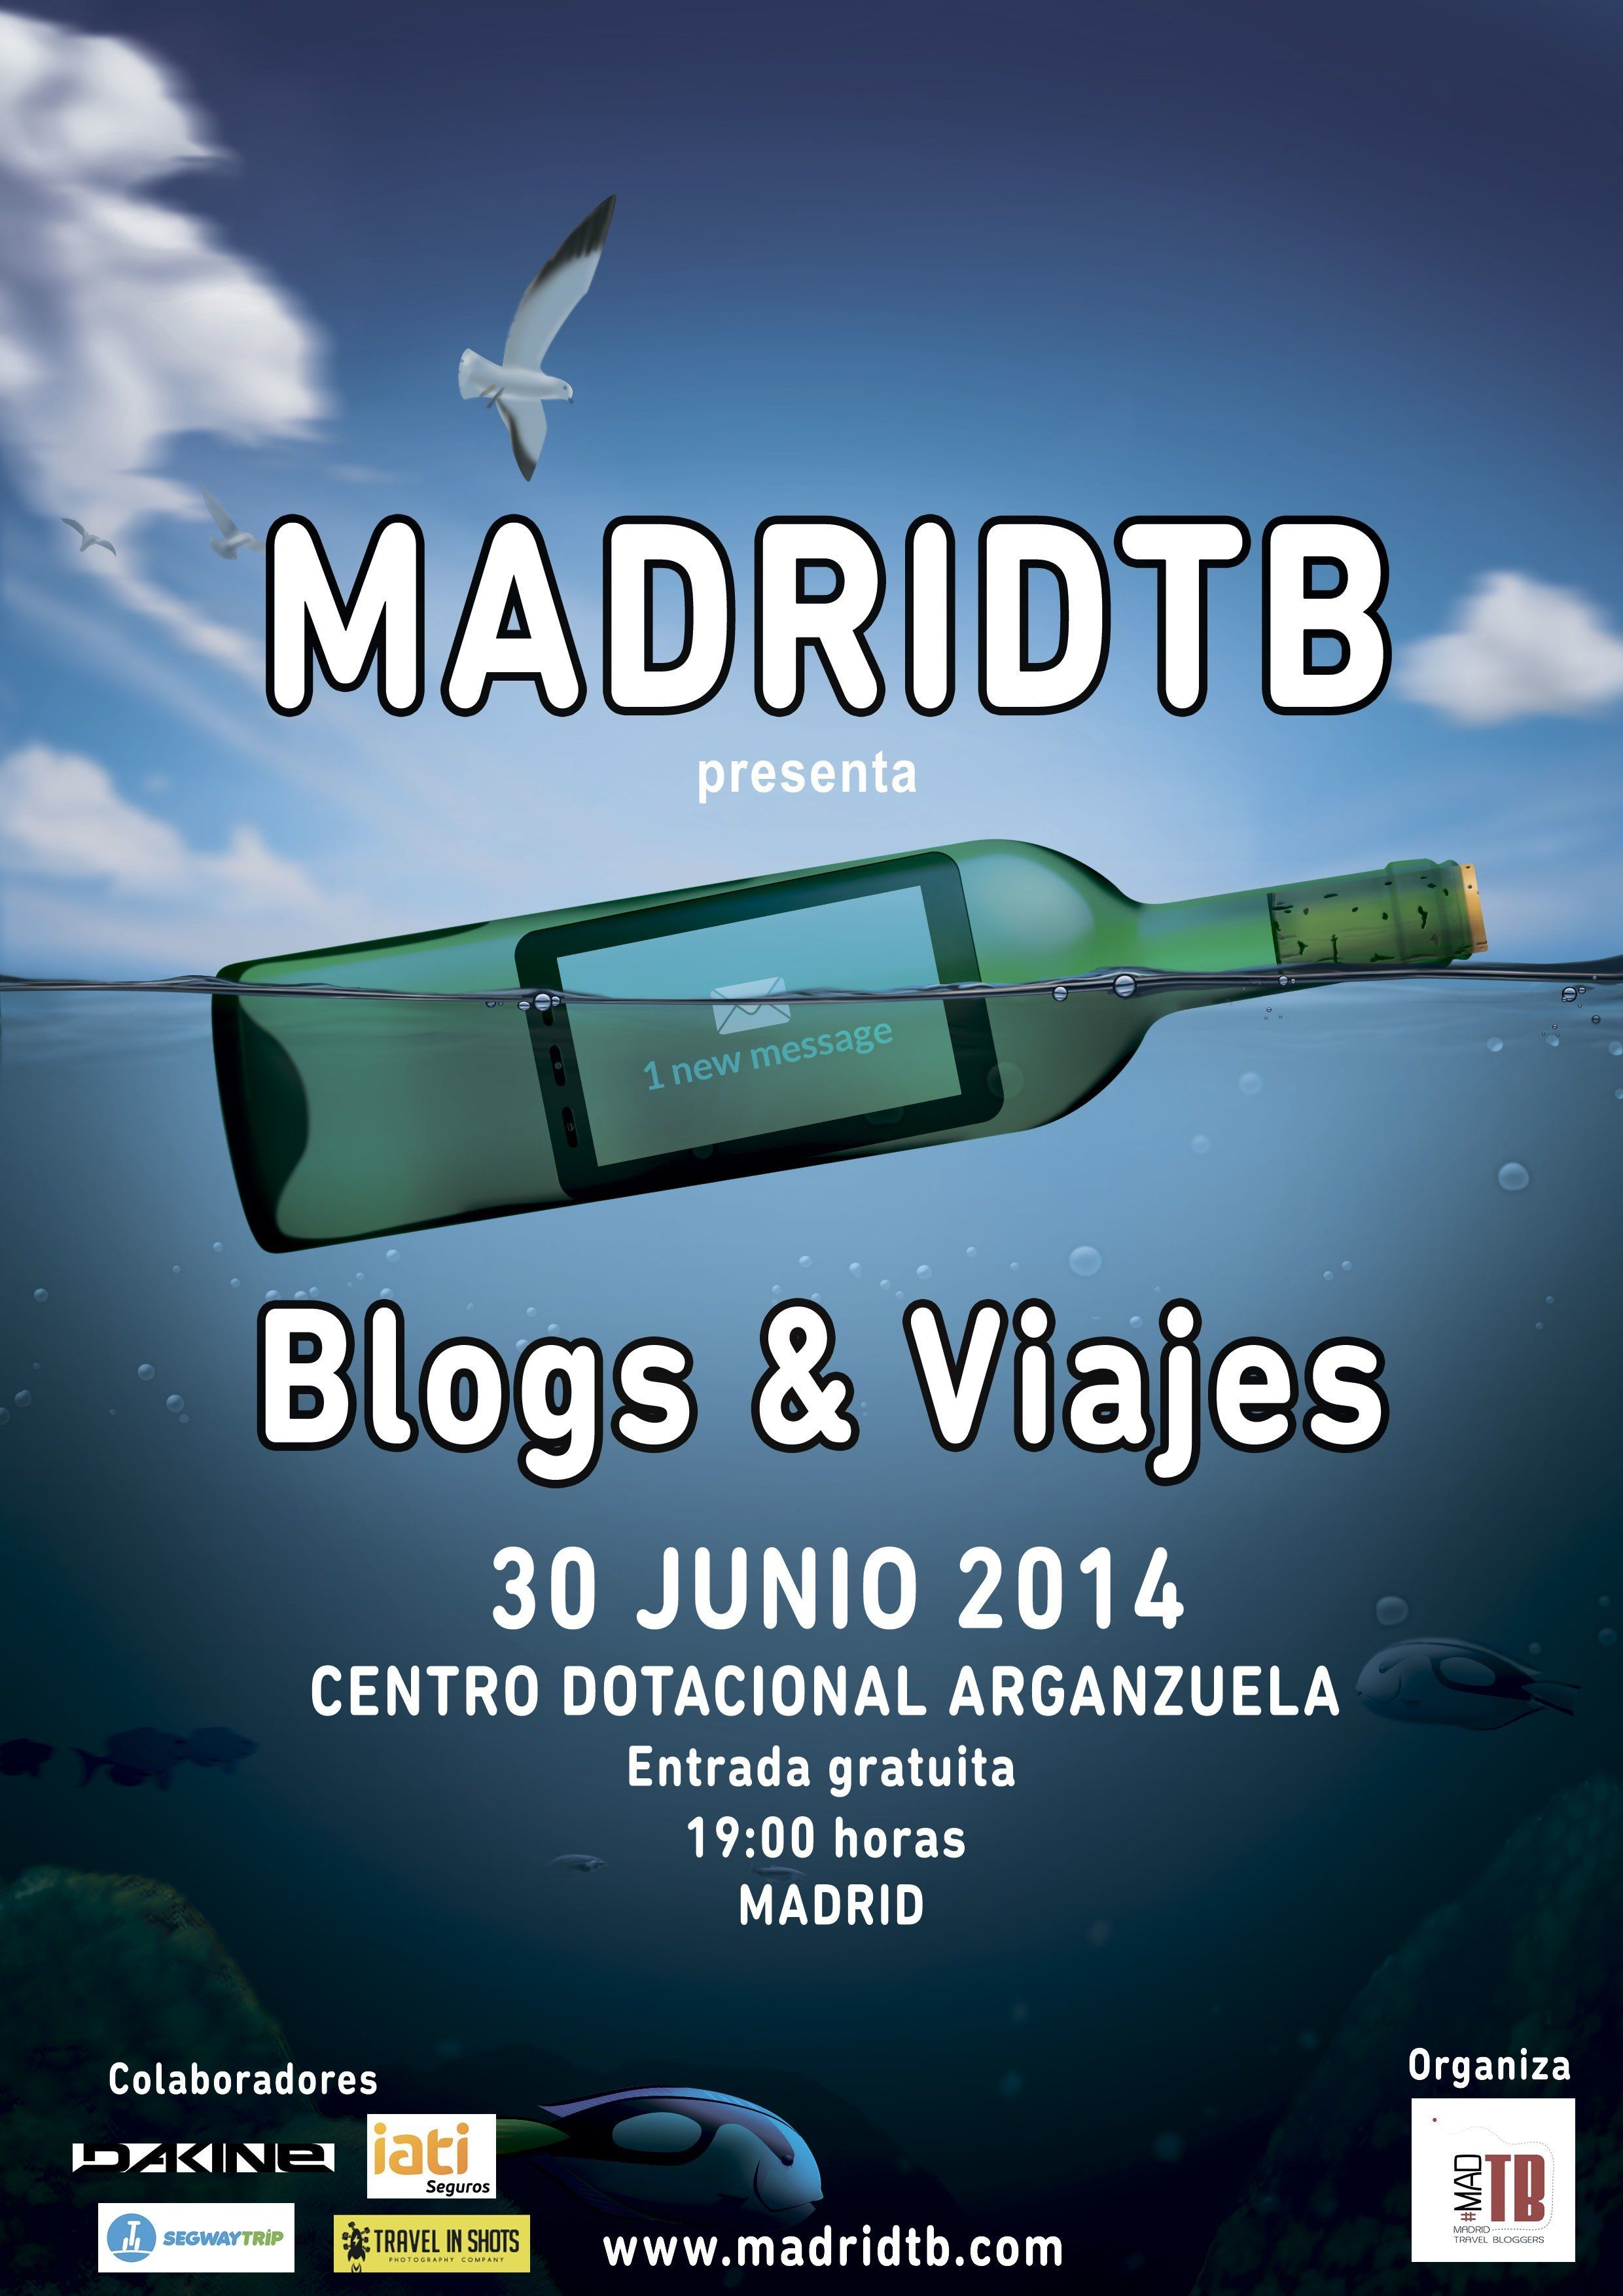 MADRIDTB-Blogs-&-Viajes-Poster-web-colaboradores-logos